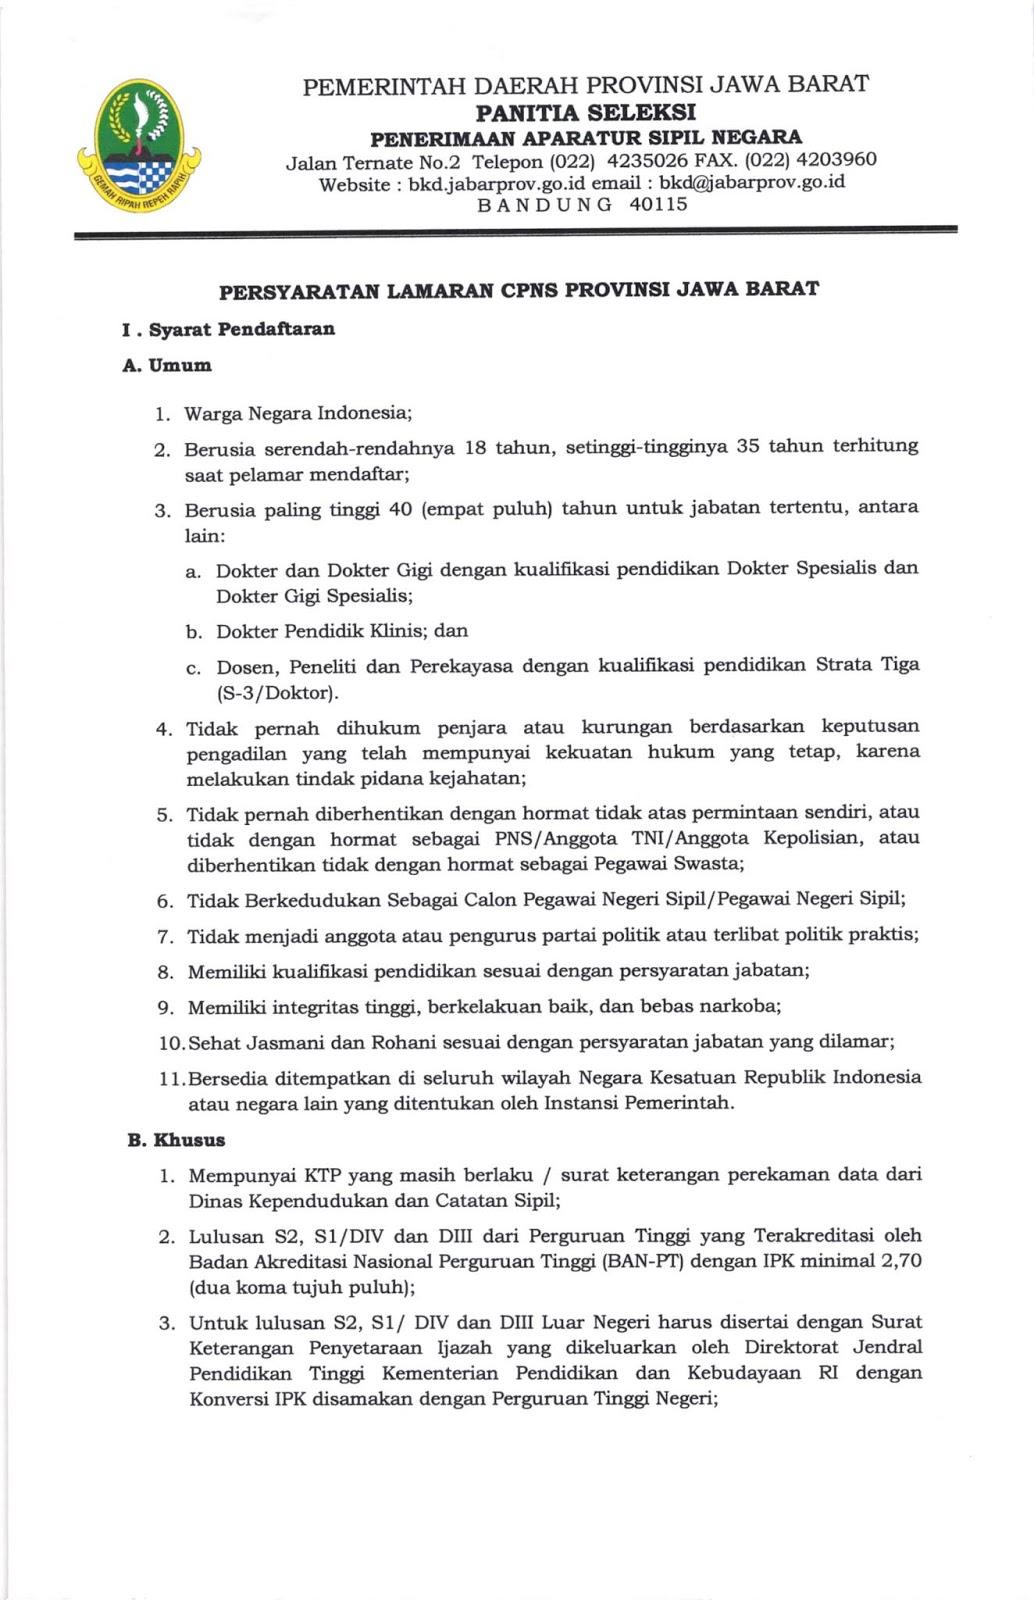 Lowongan CPNS Provinsi Jawa Barat Tahun Anggaran 2019 [1.934 Formasi]